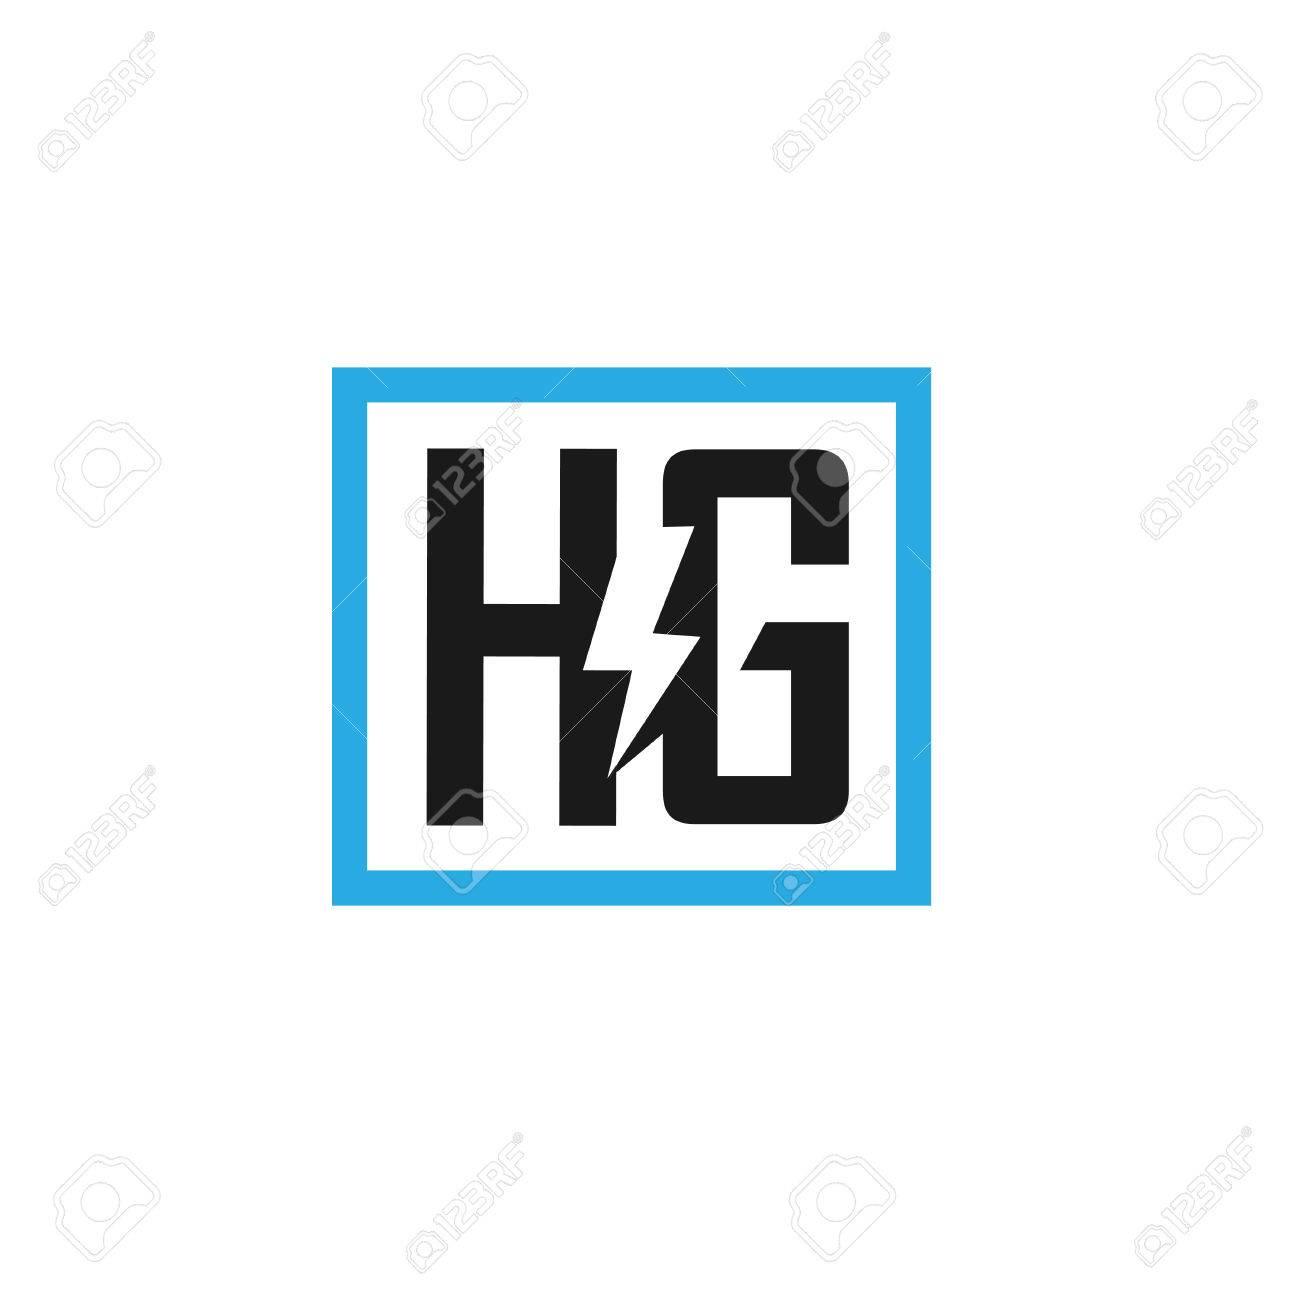 Foto de archivo - Letra HG diseño eléctrico plantilla de ilustración  vectorial, carta poder H vector logo, letra H y G vector logo, Carta  creativa carta HG